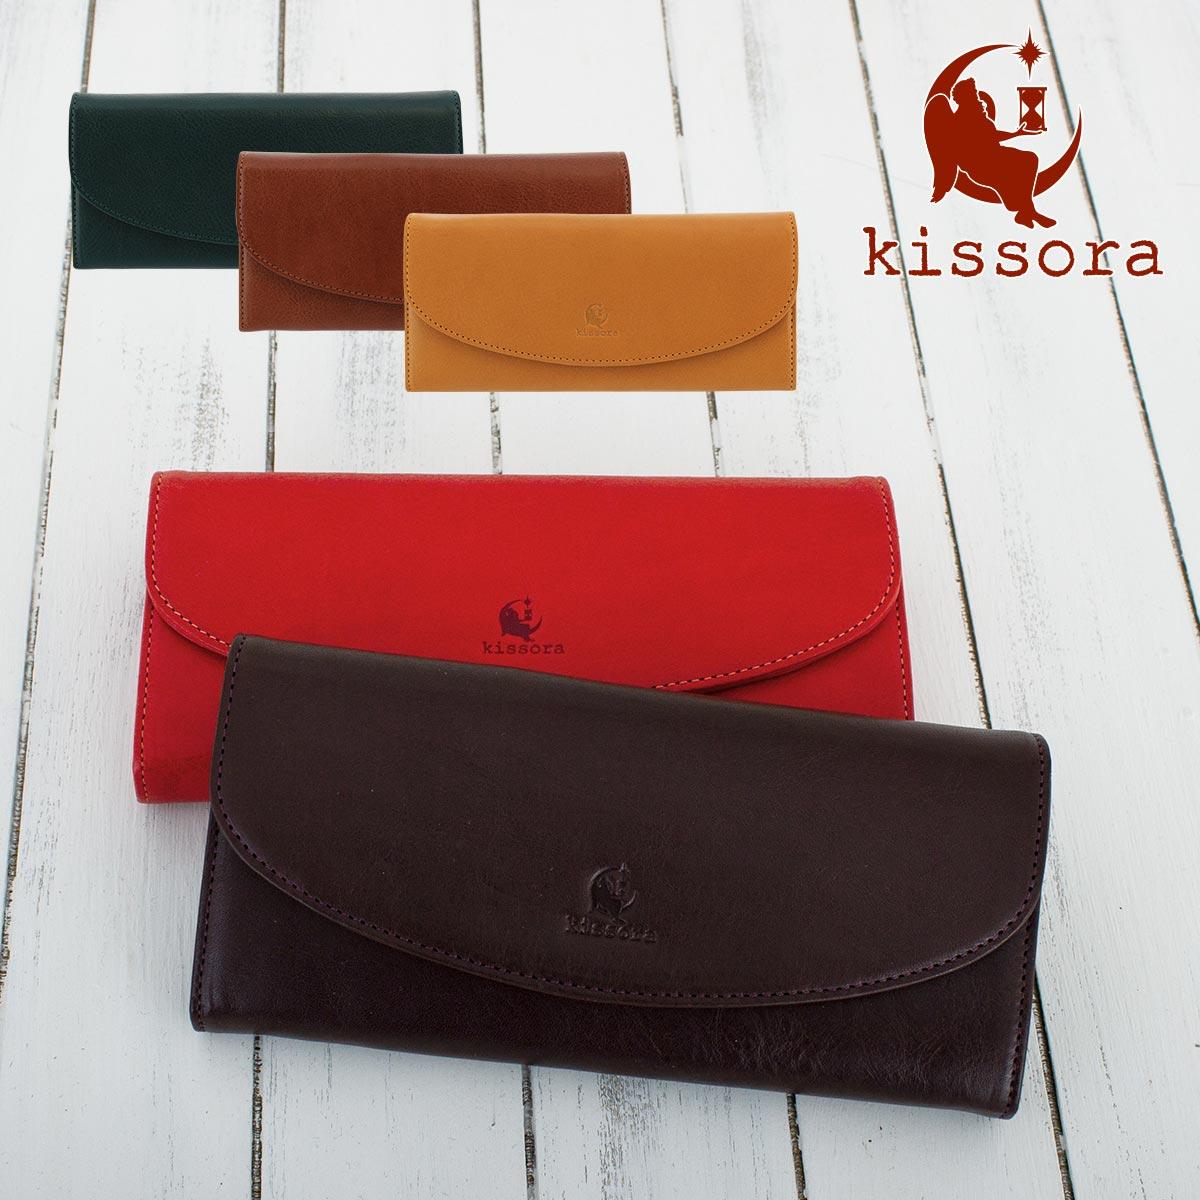 長財布 本革 kissora キソラ KIVP-047 ヴェルドゥーラ 財布 レザー 日本製 レディース